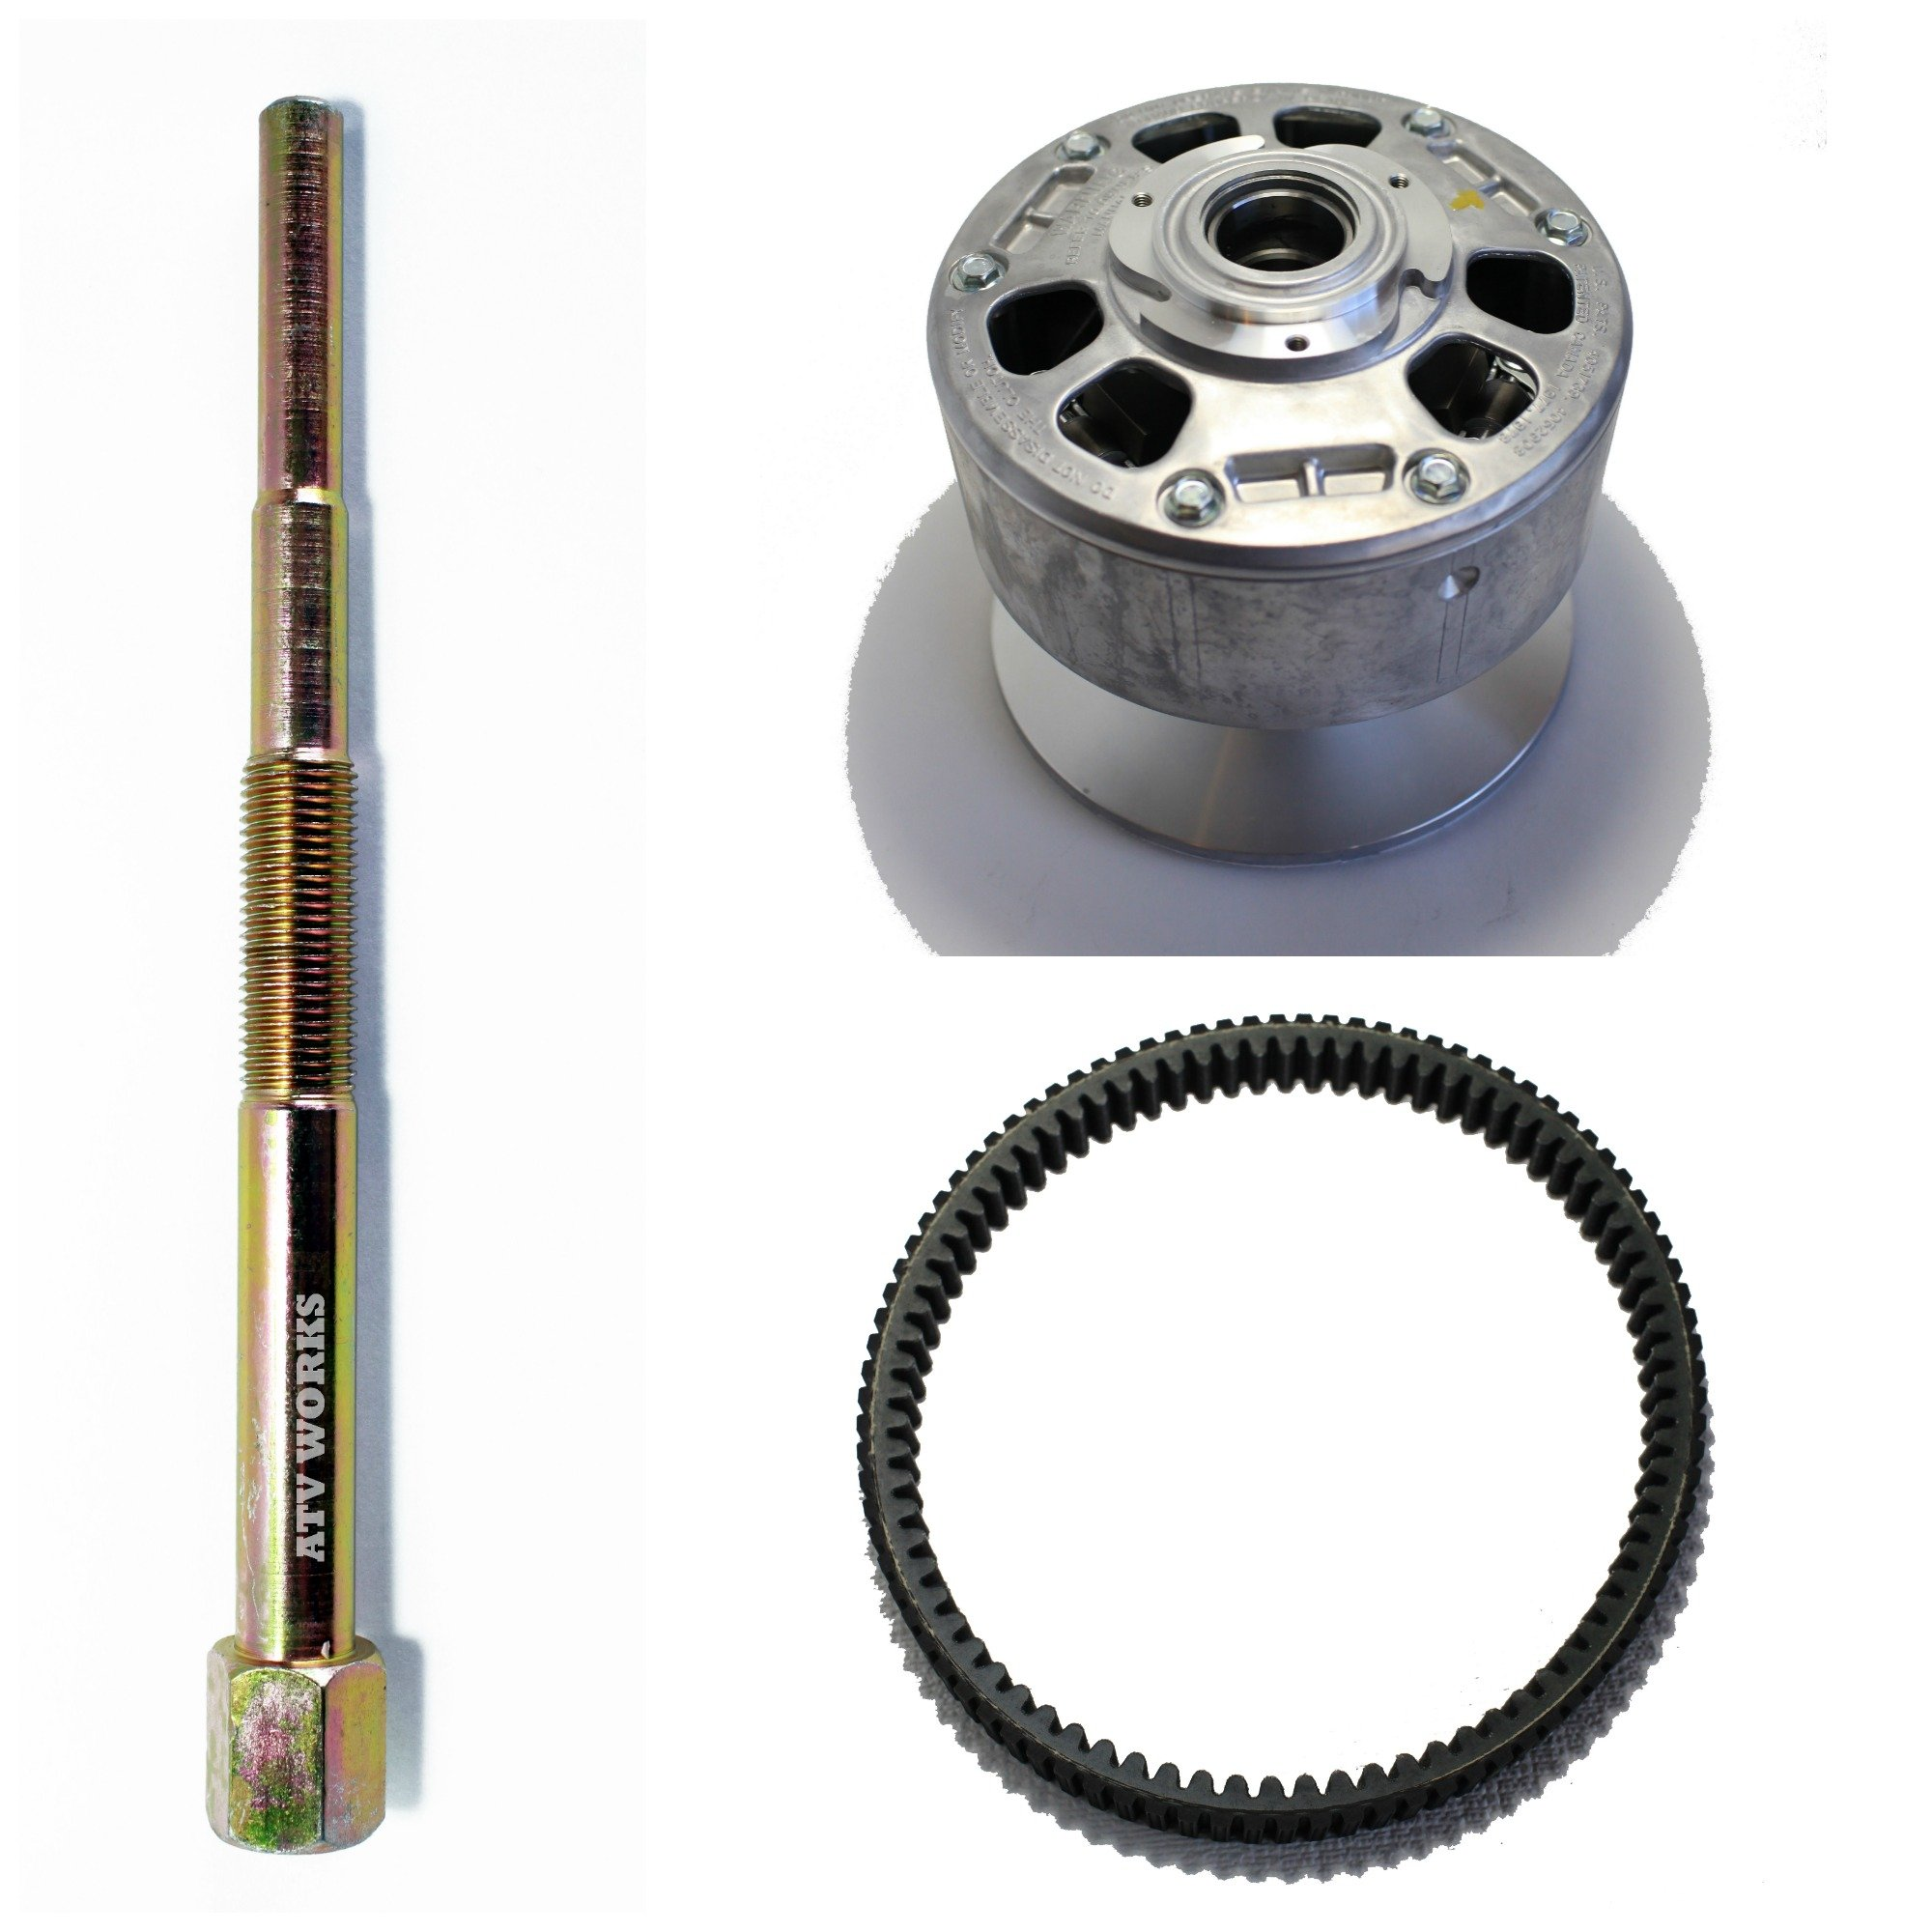 KAWASAKI Mule 2510 Diesel 2000-2002 / 3010 4x4 Diesel 2003 Primary Drive Converter NEW OEM 49093-1068 w/ a Drive Belt & Puller Tool by ATVWorks